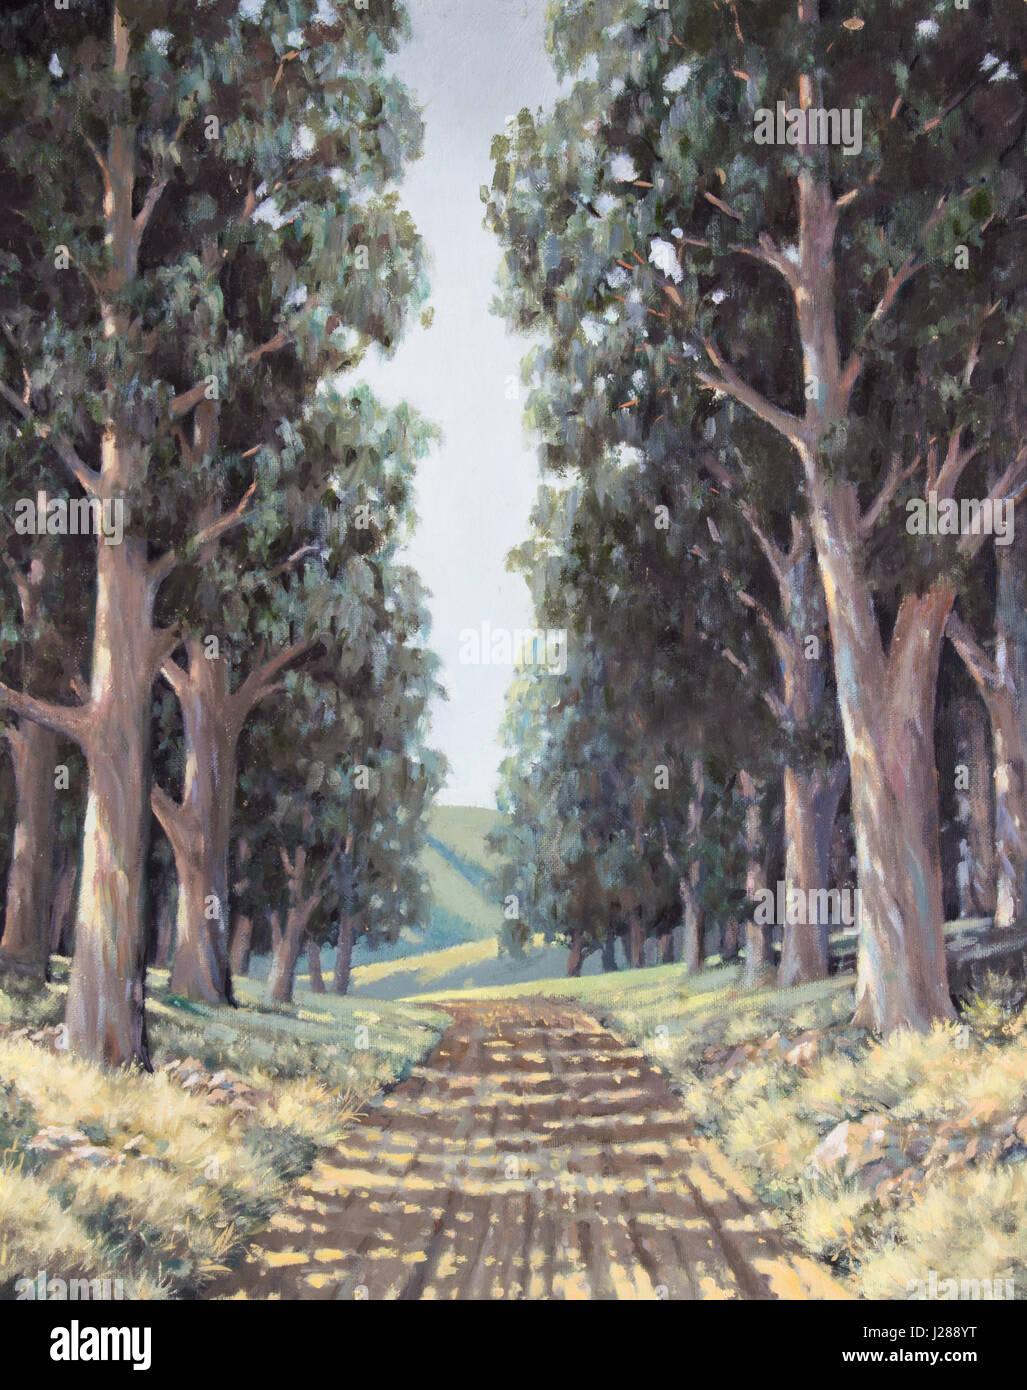 Huile originale sur toile - Lane de grands eucalyptus pommelé à côté de route de campagne en Photo Stock